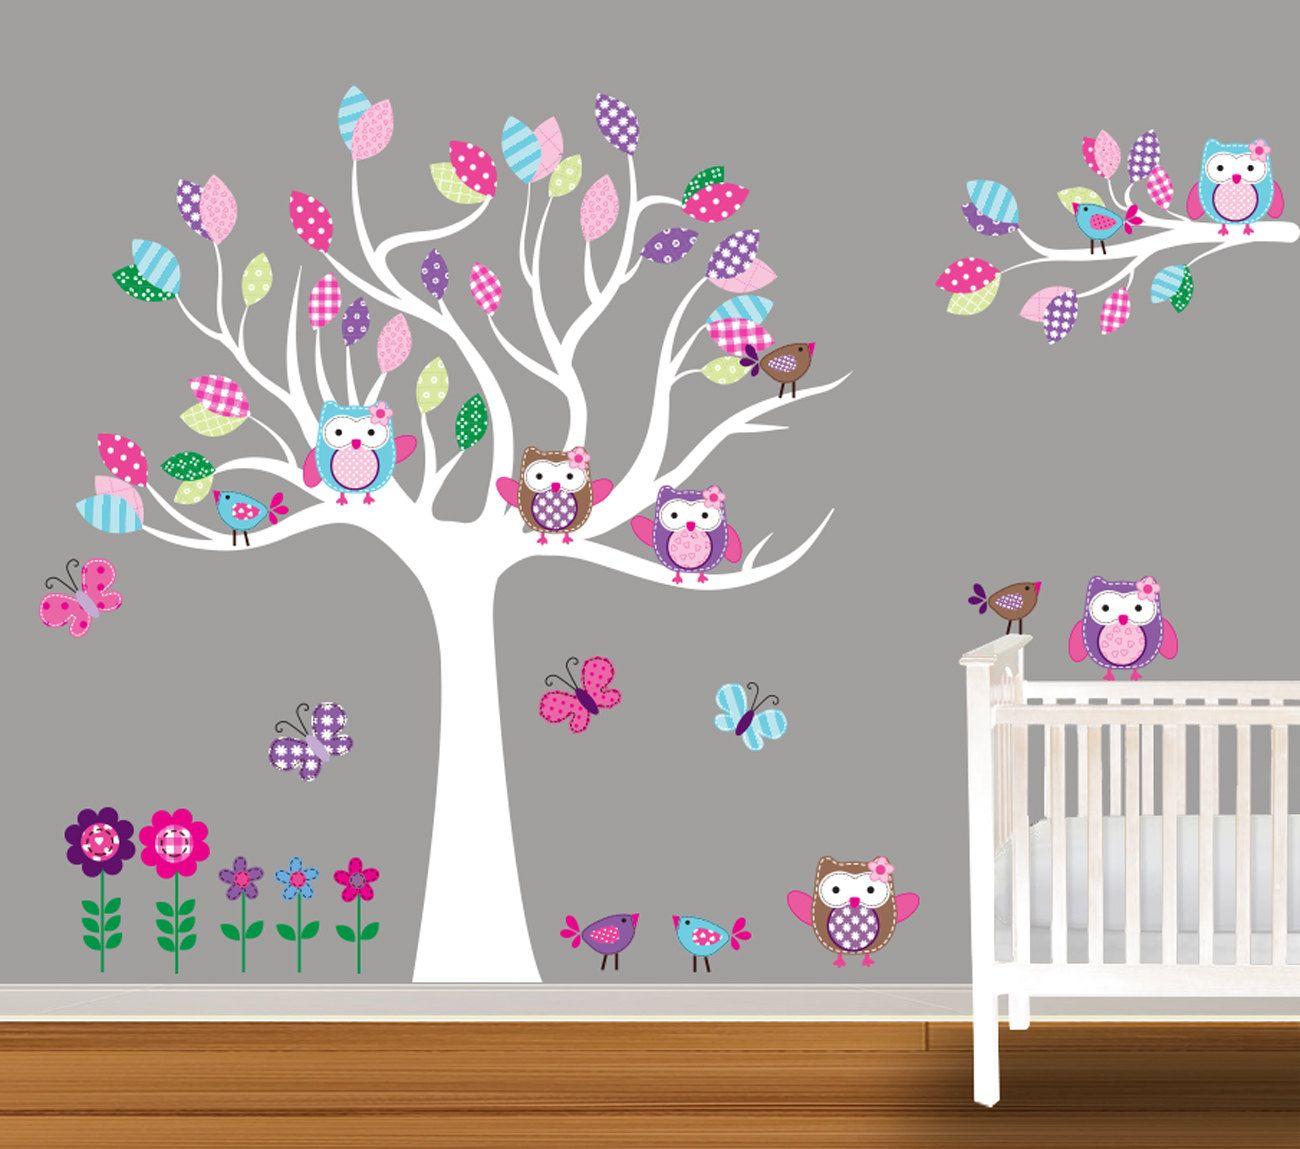 Custom Children Wall Decal Baby Nursery Stickers Owl Erflies Flowers 129 99 Via Etsy